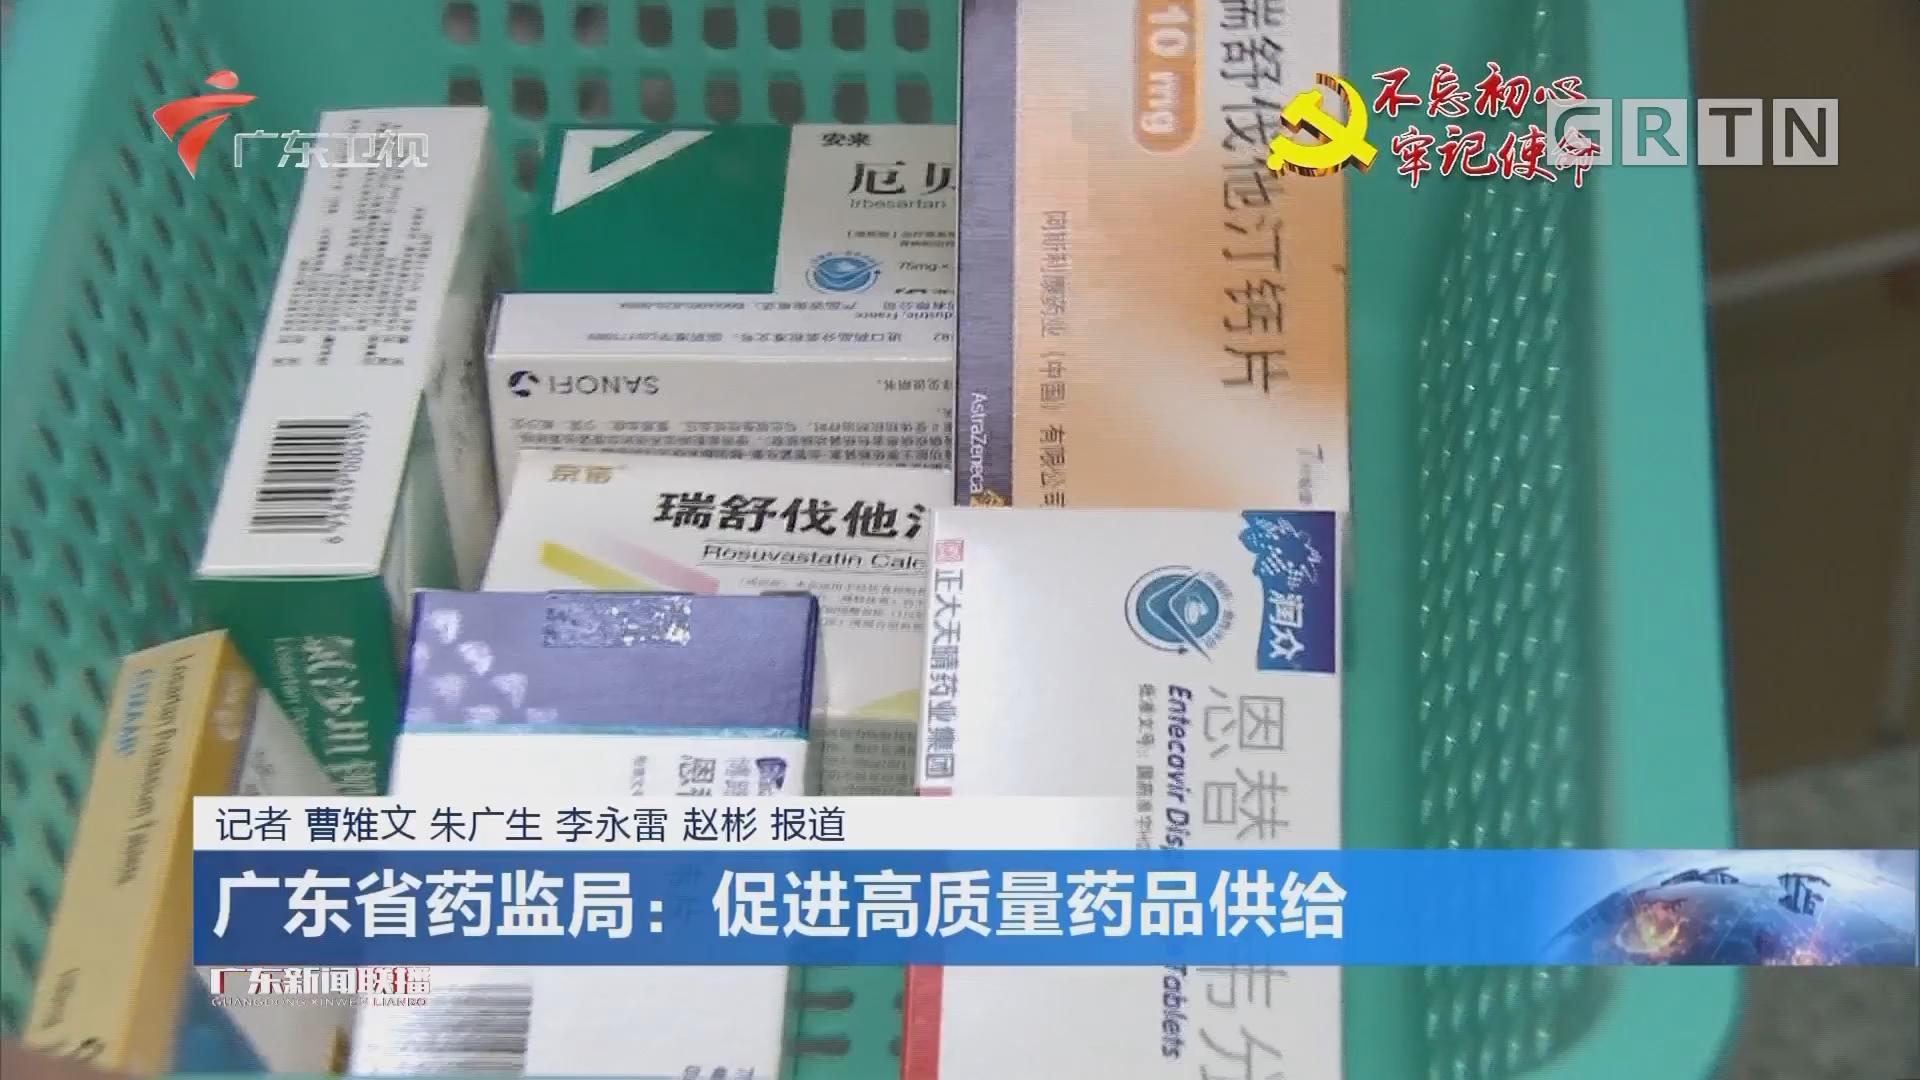 广东省药监局:促进高质量药品供给